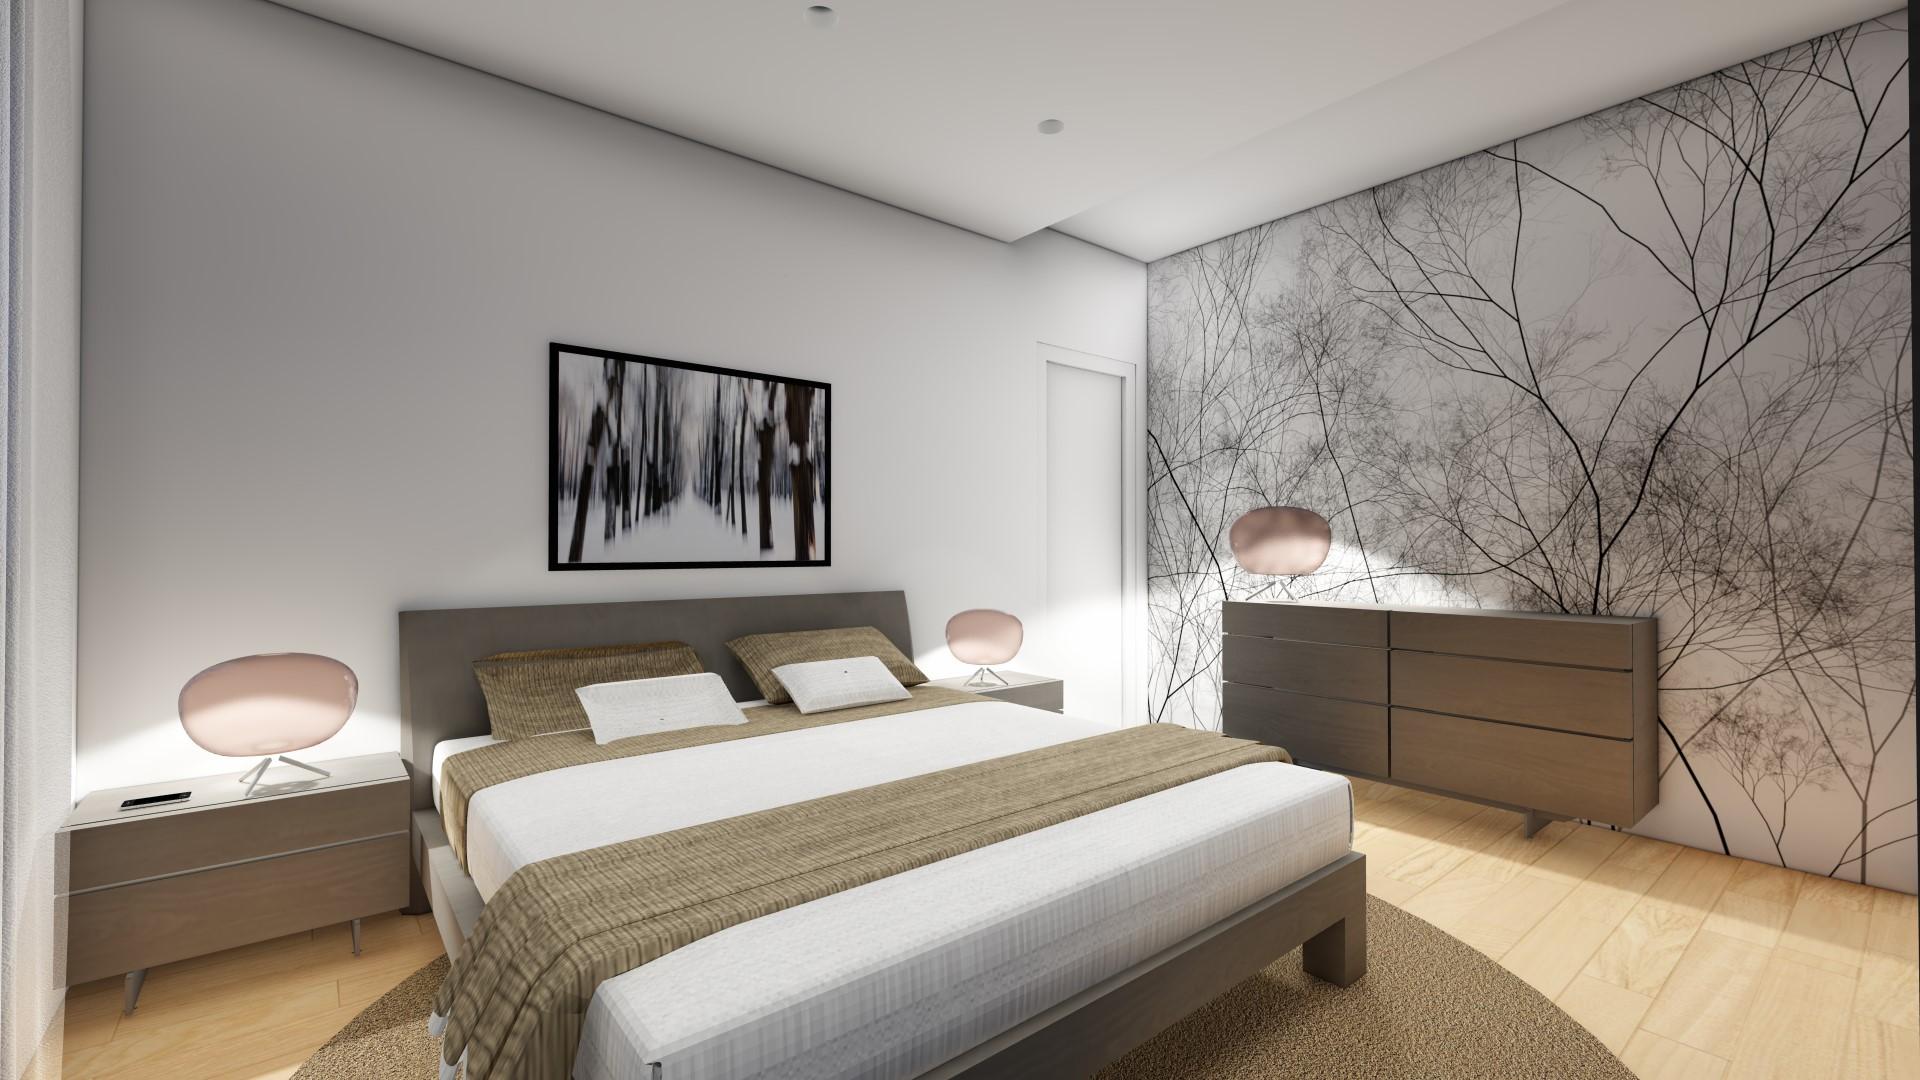 quadrilocali in vendita a Treviglio - camera da letto